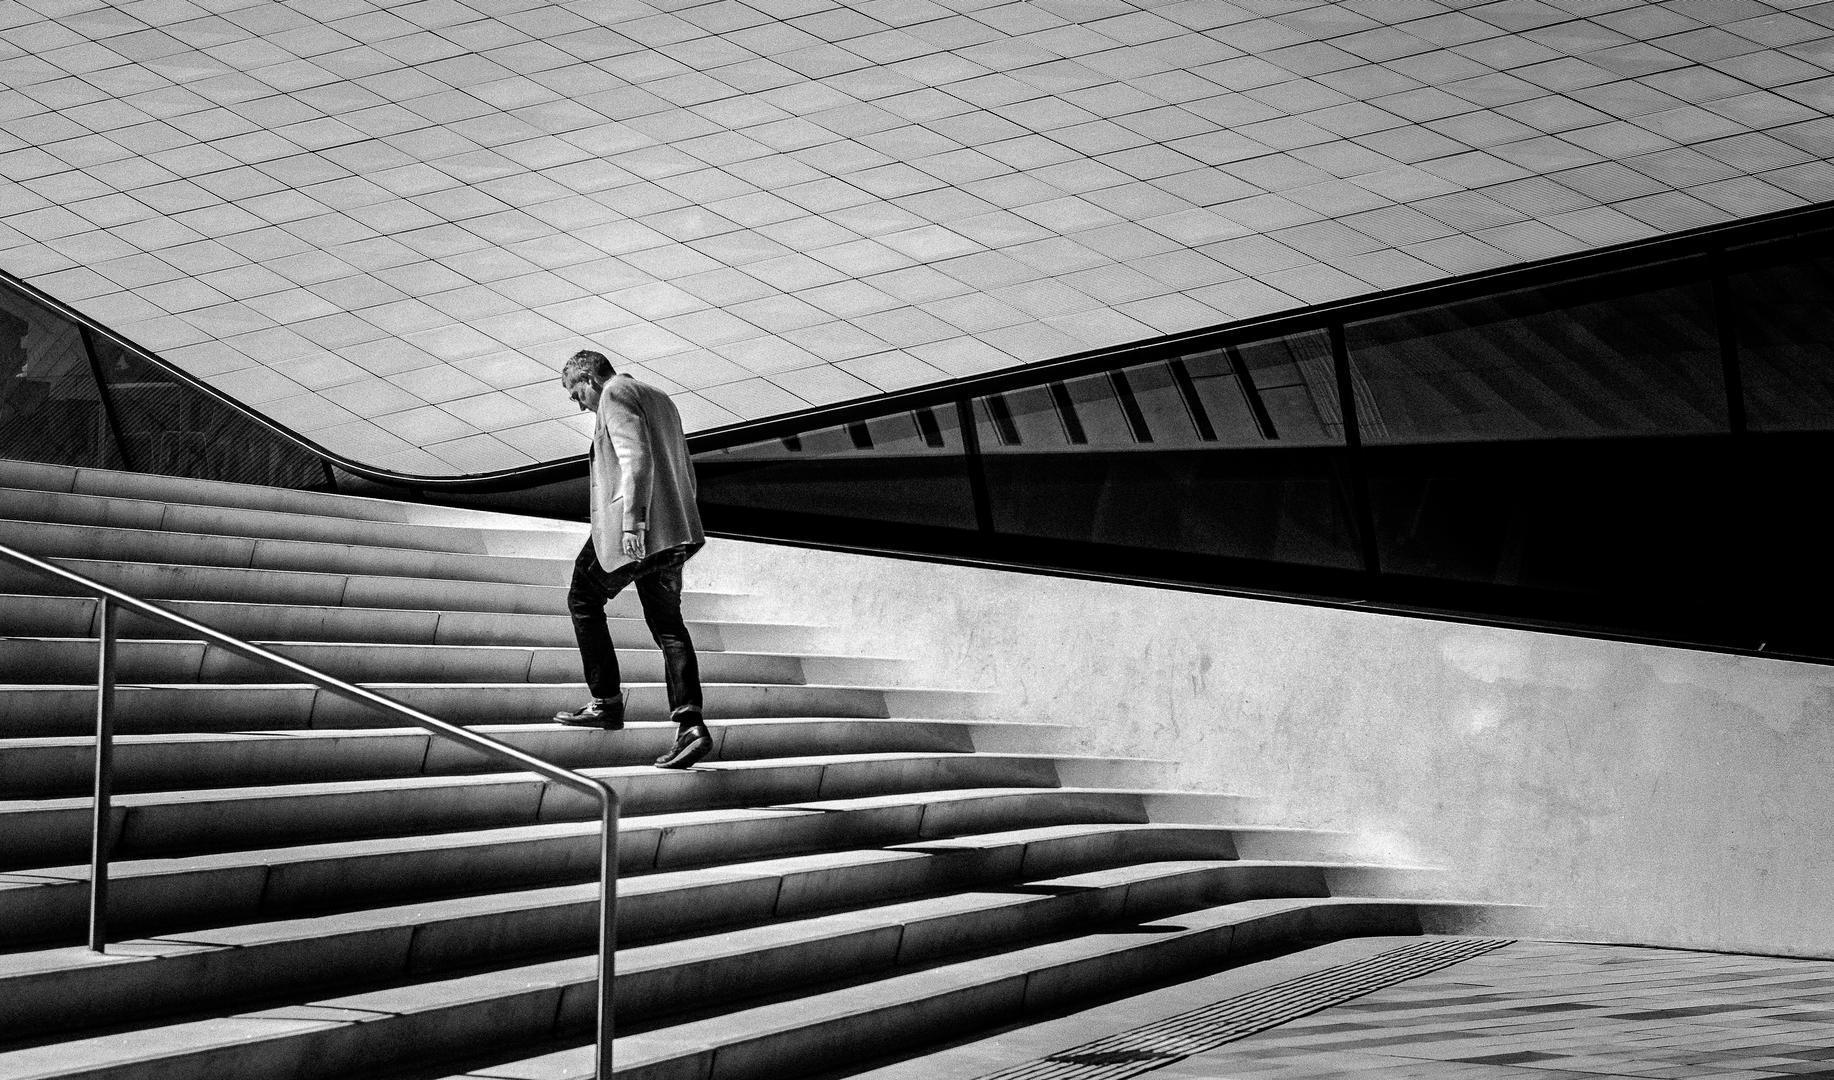 Подъём, © Анета, 1-е место, Фотоконкурс «Фотограф года от Digital Camera»